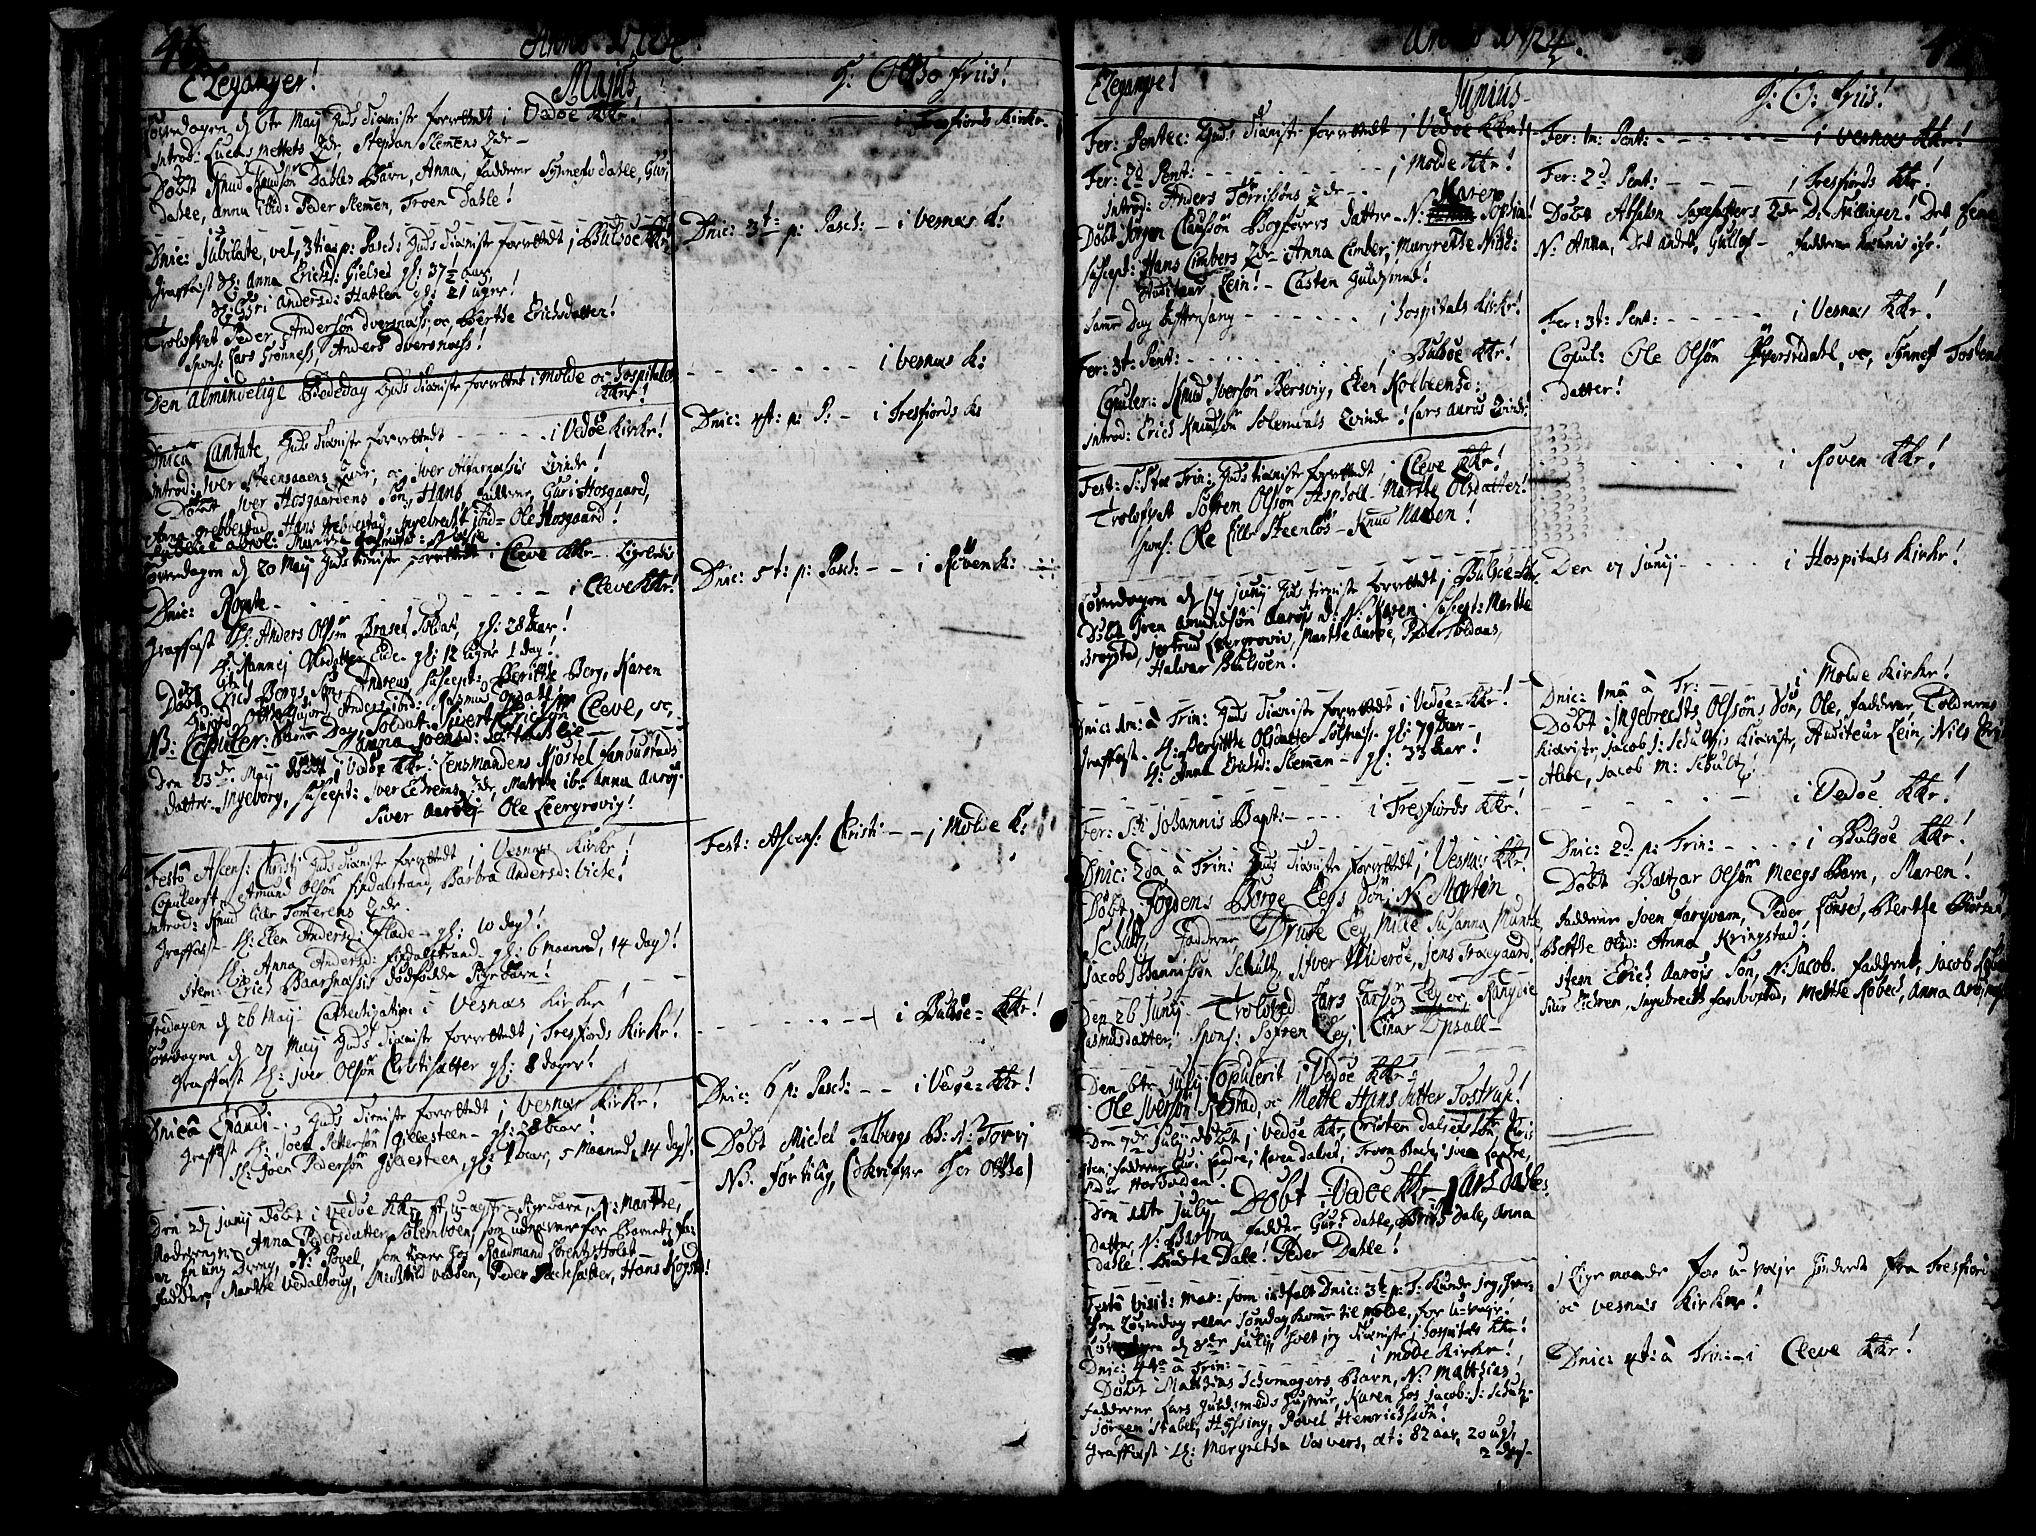 SAT, Ministerialprotokoller, klokkerbøker og fødselsregistre - Møre og Romsdal, 547/L0599: Parish register (official) no. 547A01, 1721-1764, p. 48-49